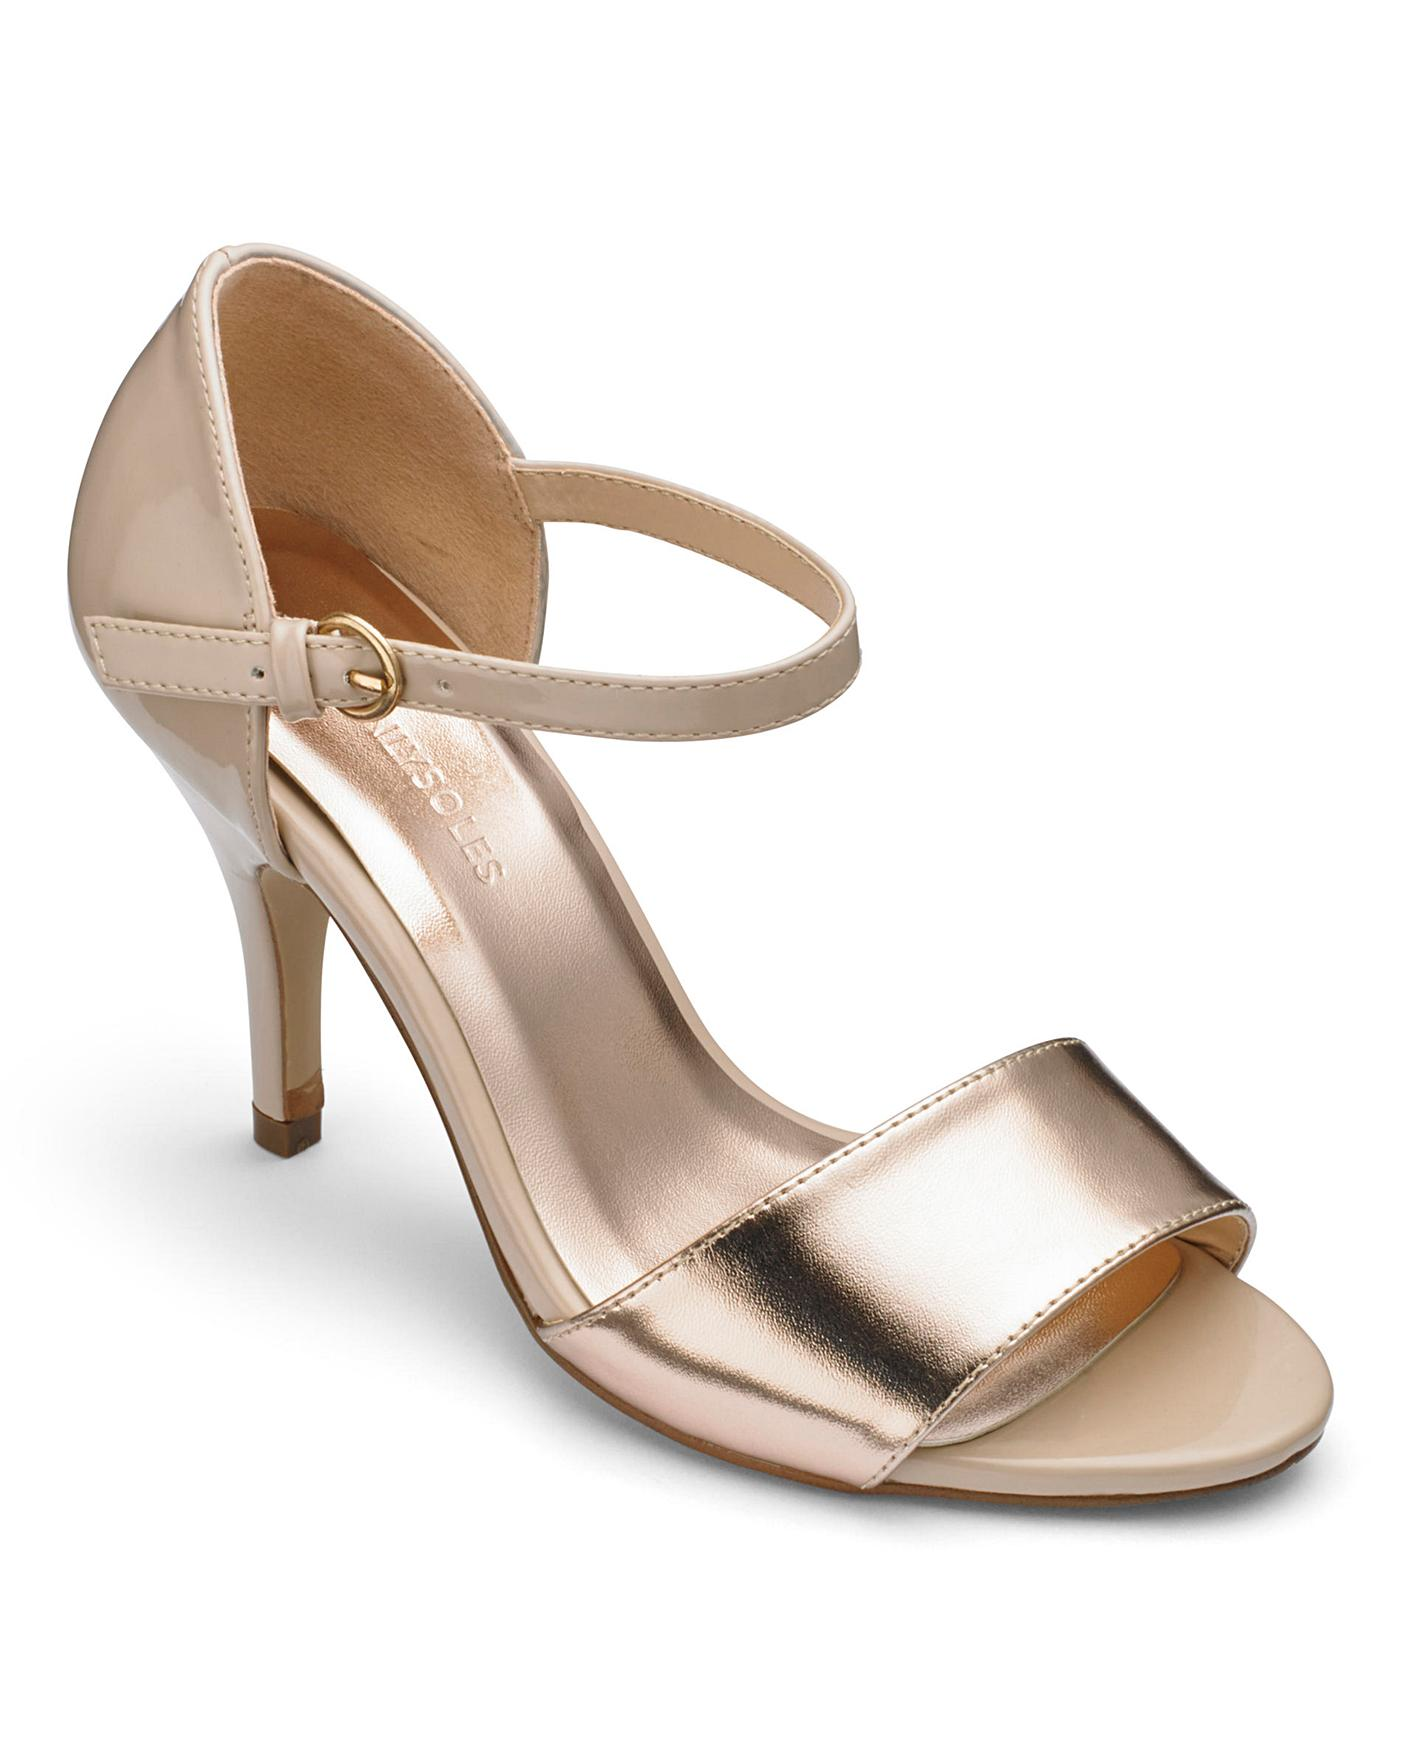 Heavenly Soles Peep Toe Slingback Shoes